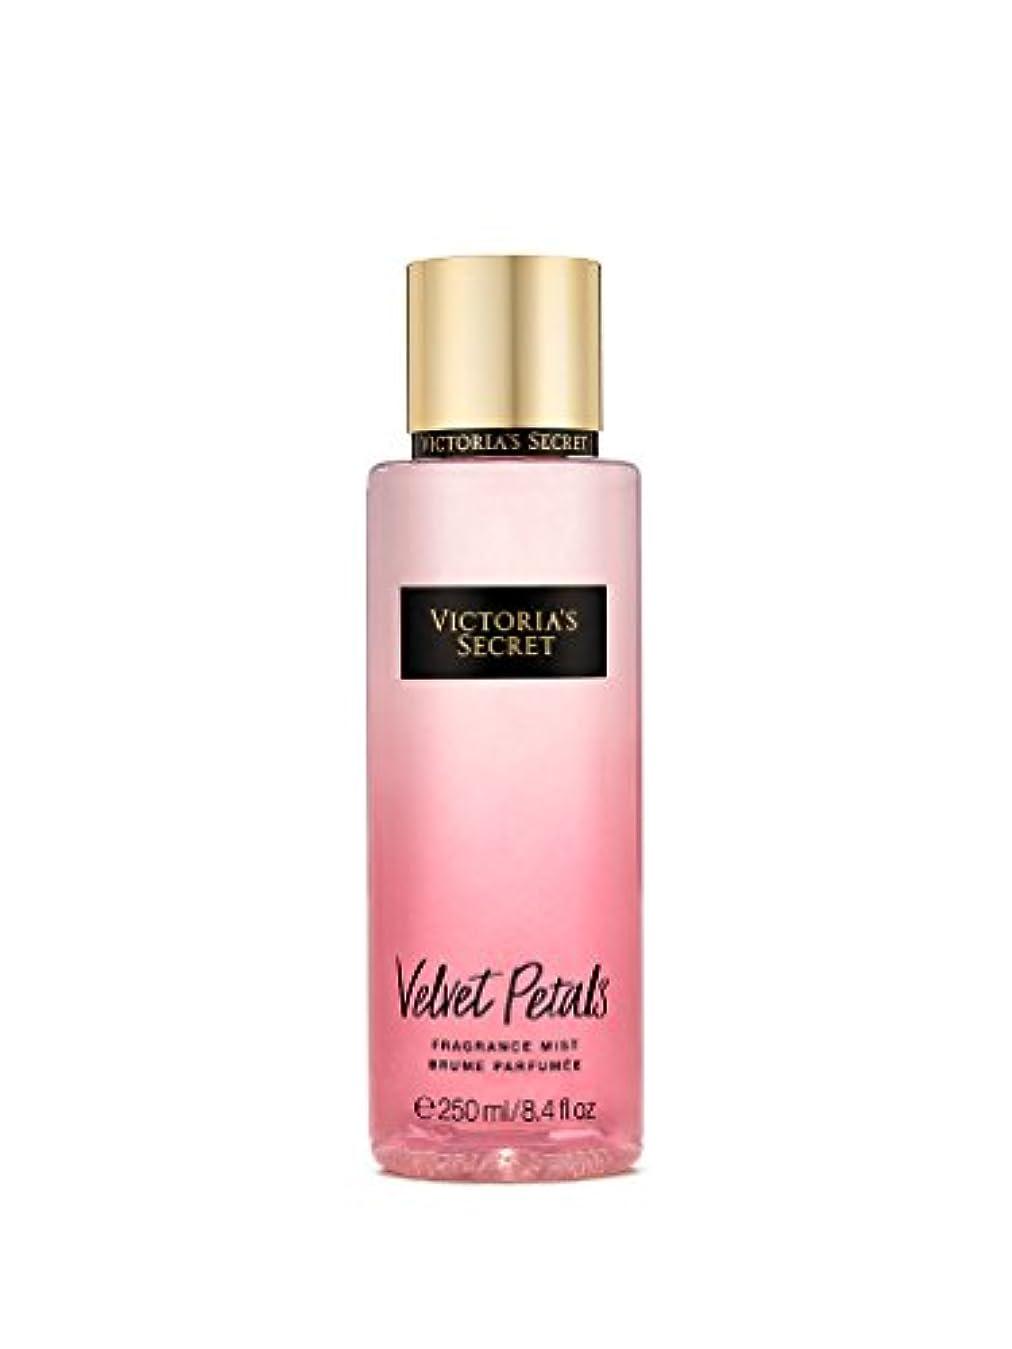 失礼な隣接細胞【並行輸入品】Victoria's Secret Velvet Petals Fragrance Mist ヴィクトリアズシークレットベルベットぺタルズミスト250 ml